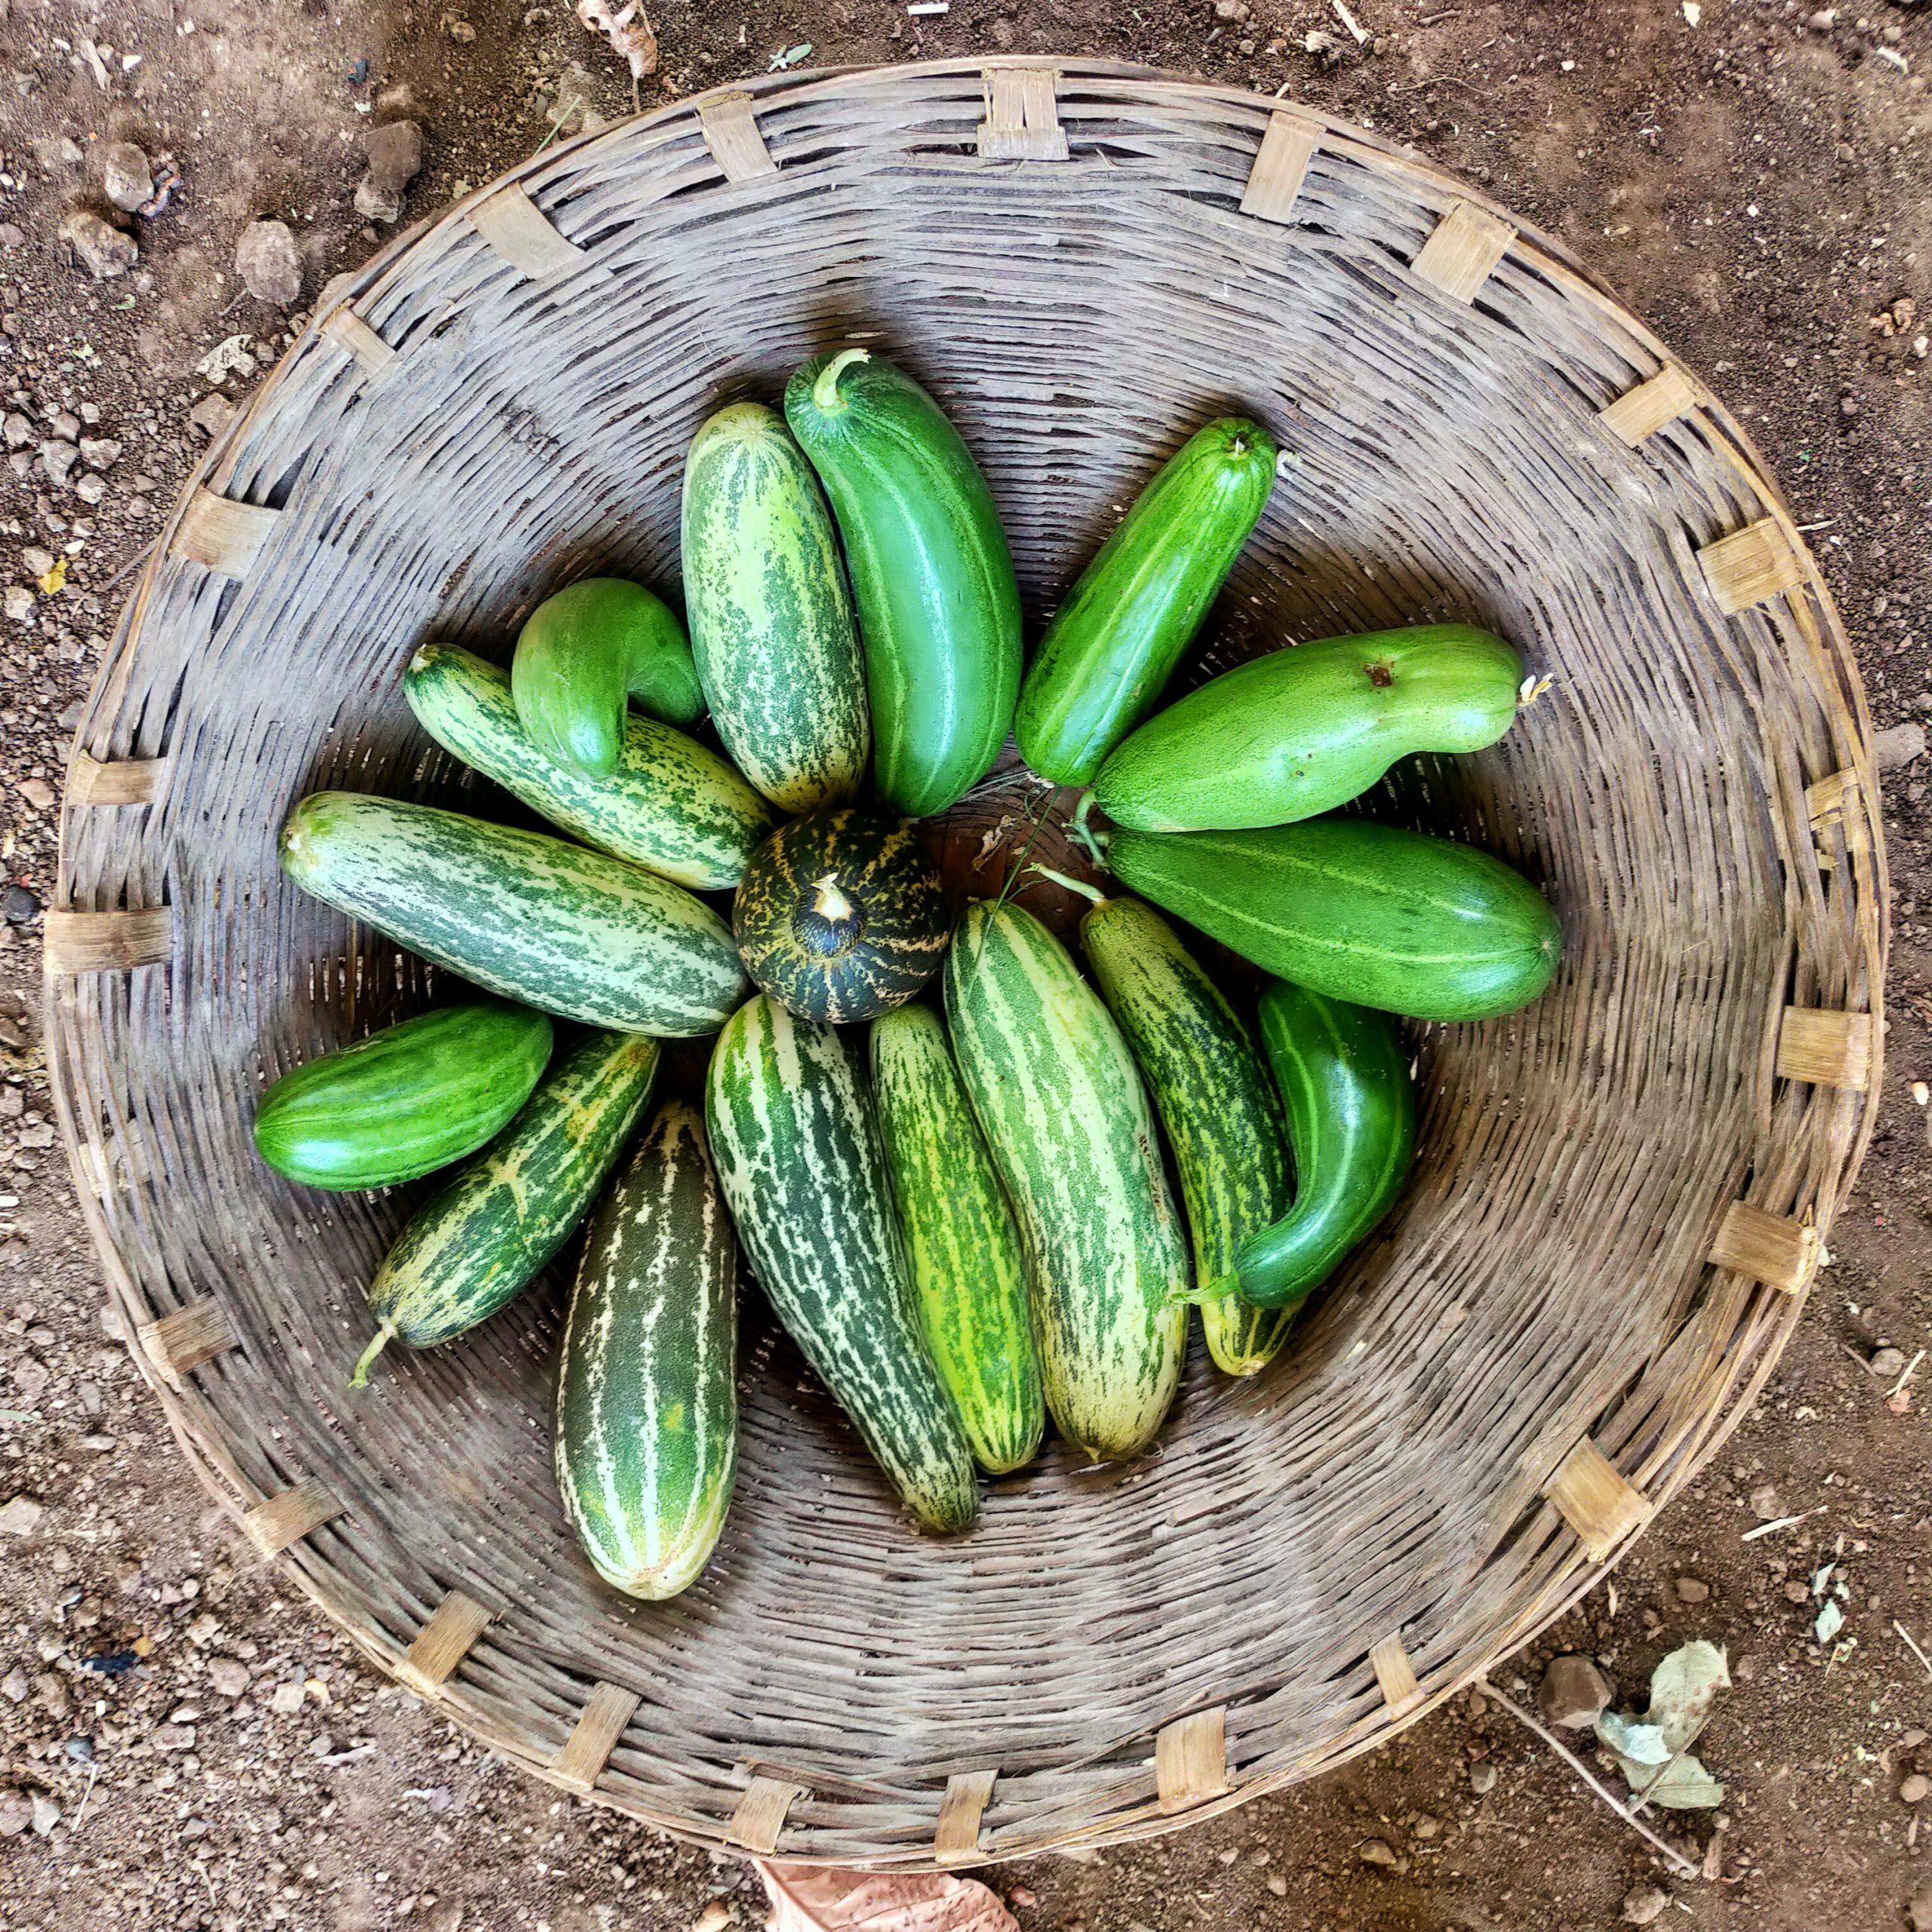 cucumbers in a basket